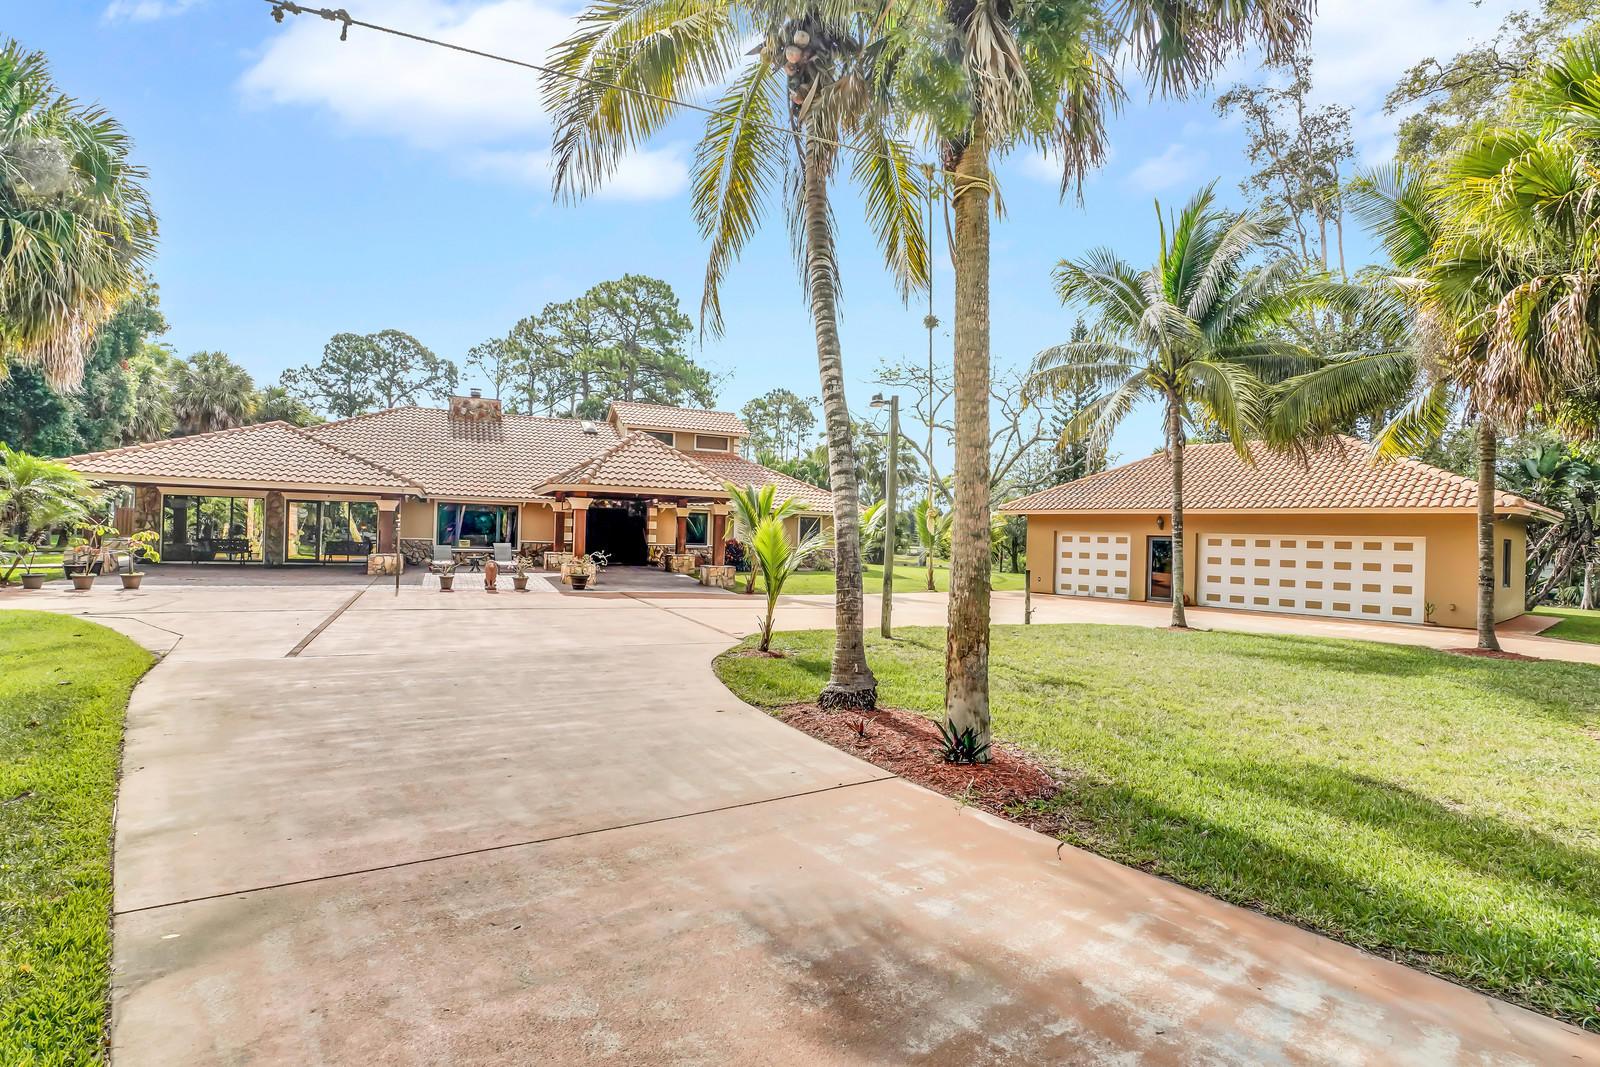 160 Elaine Road West Palm Beach, FL 33413